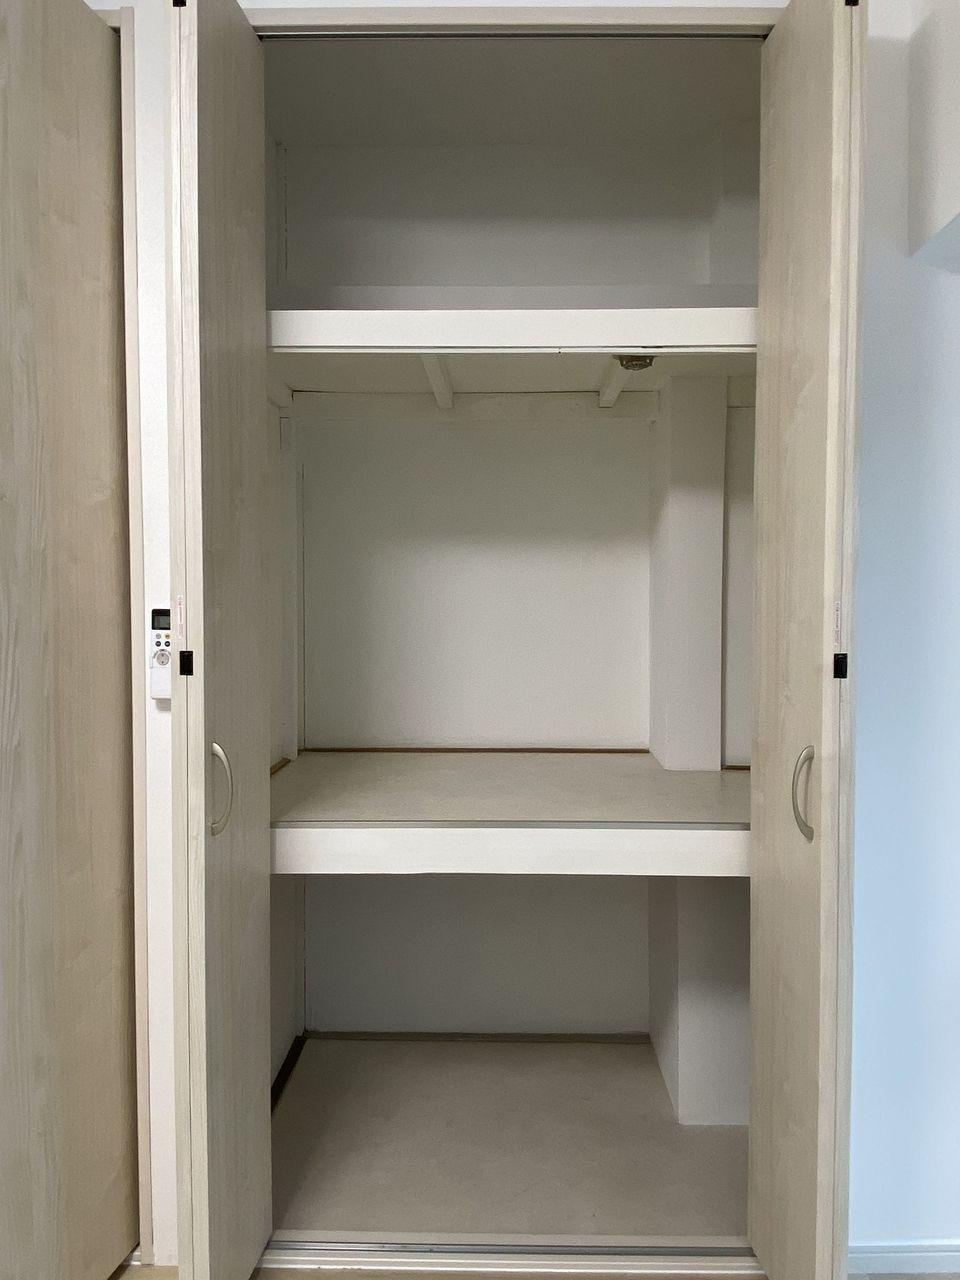 ハセガワハイツは収納が多いです。クローゼットと押入の2つがあり物がたっぷり入り部屋を広く使えます